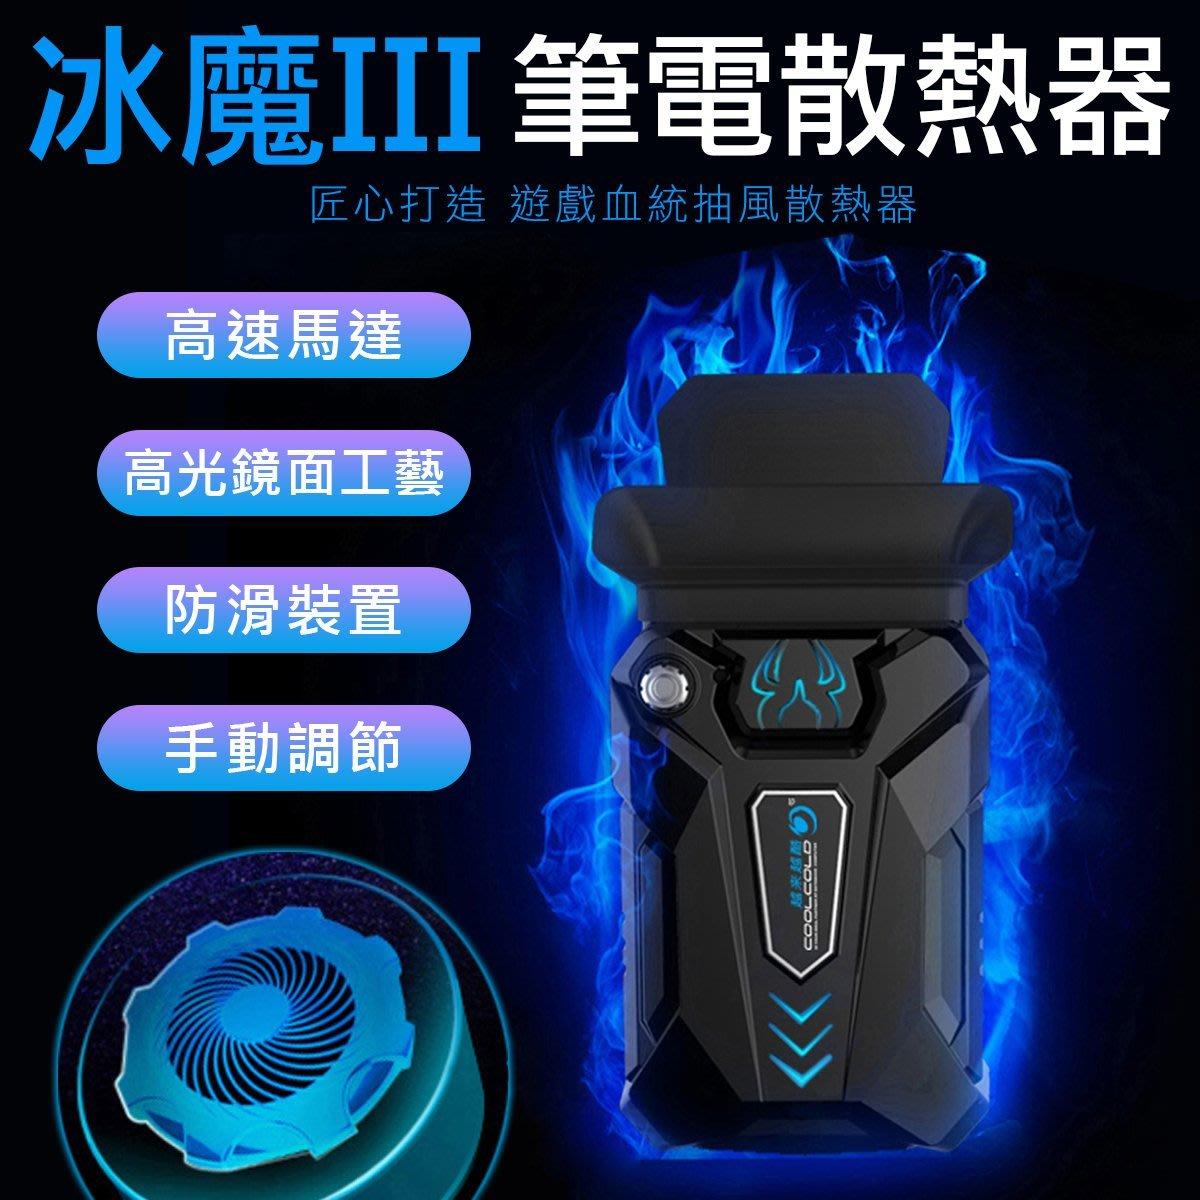 冰魔3 可調速 筆電抽風散熱器 電腦散熱 筆電散熱器 散熱架